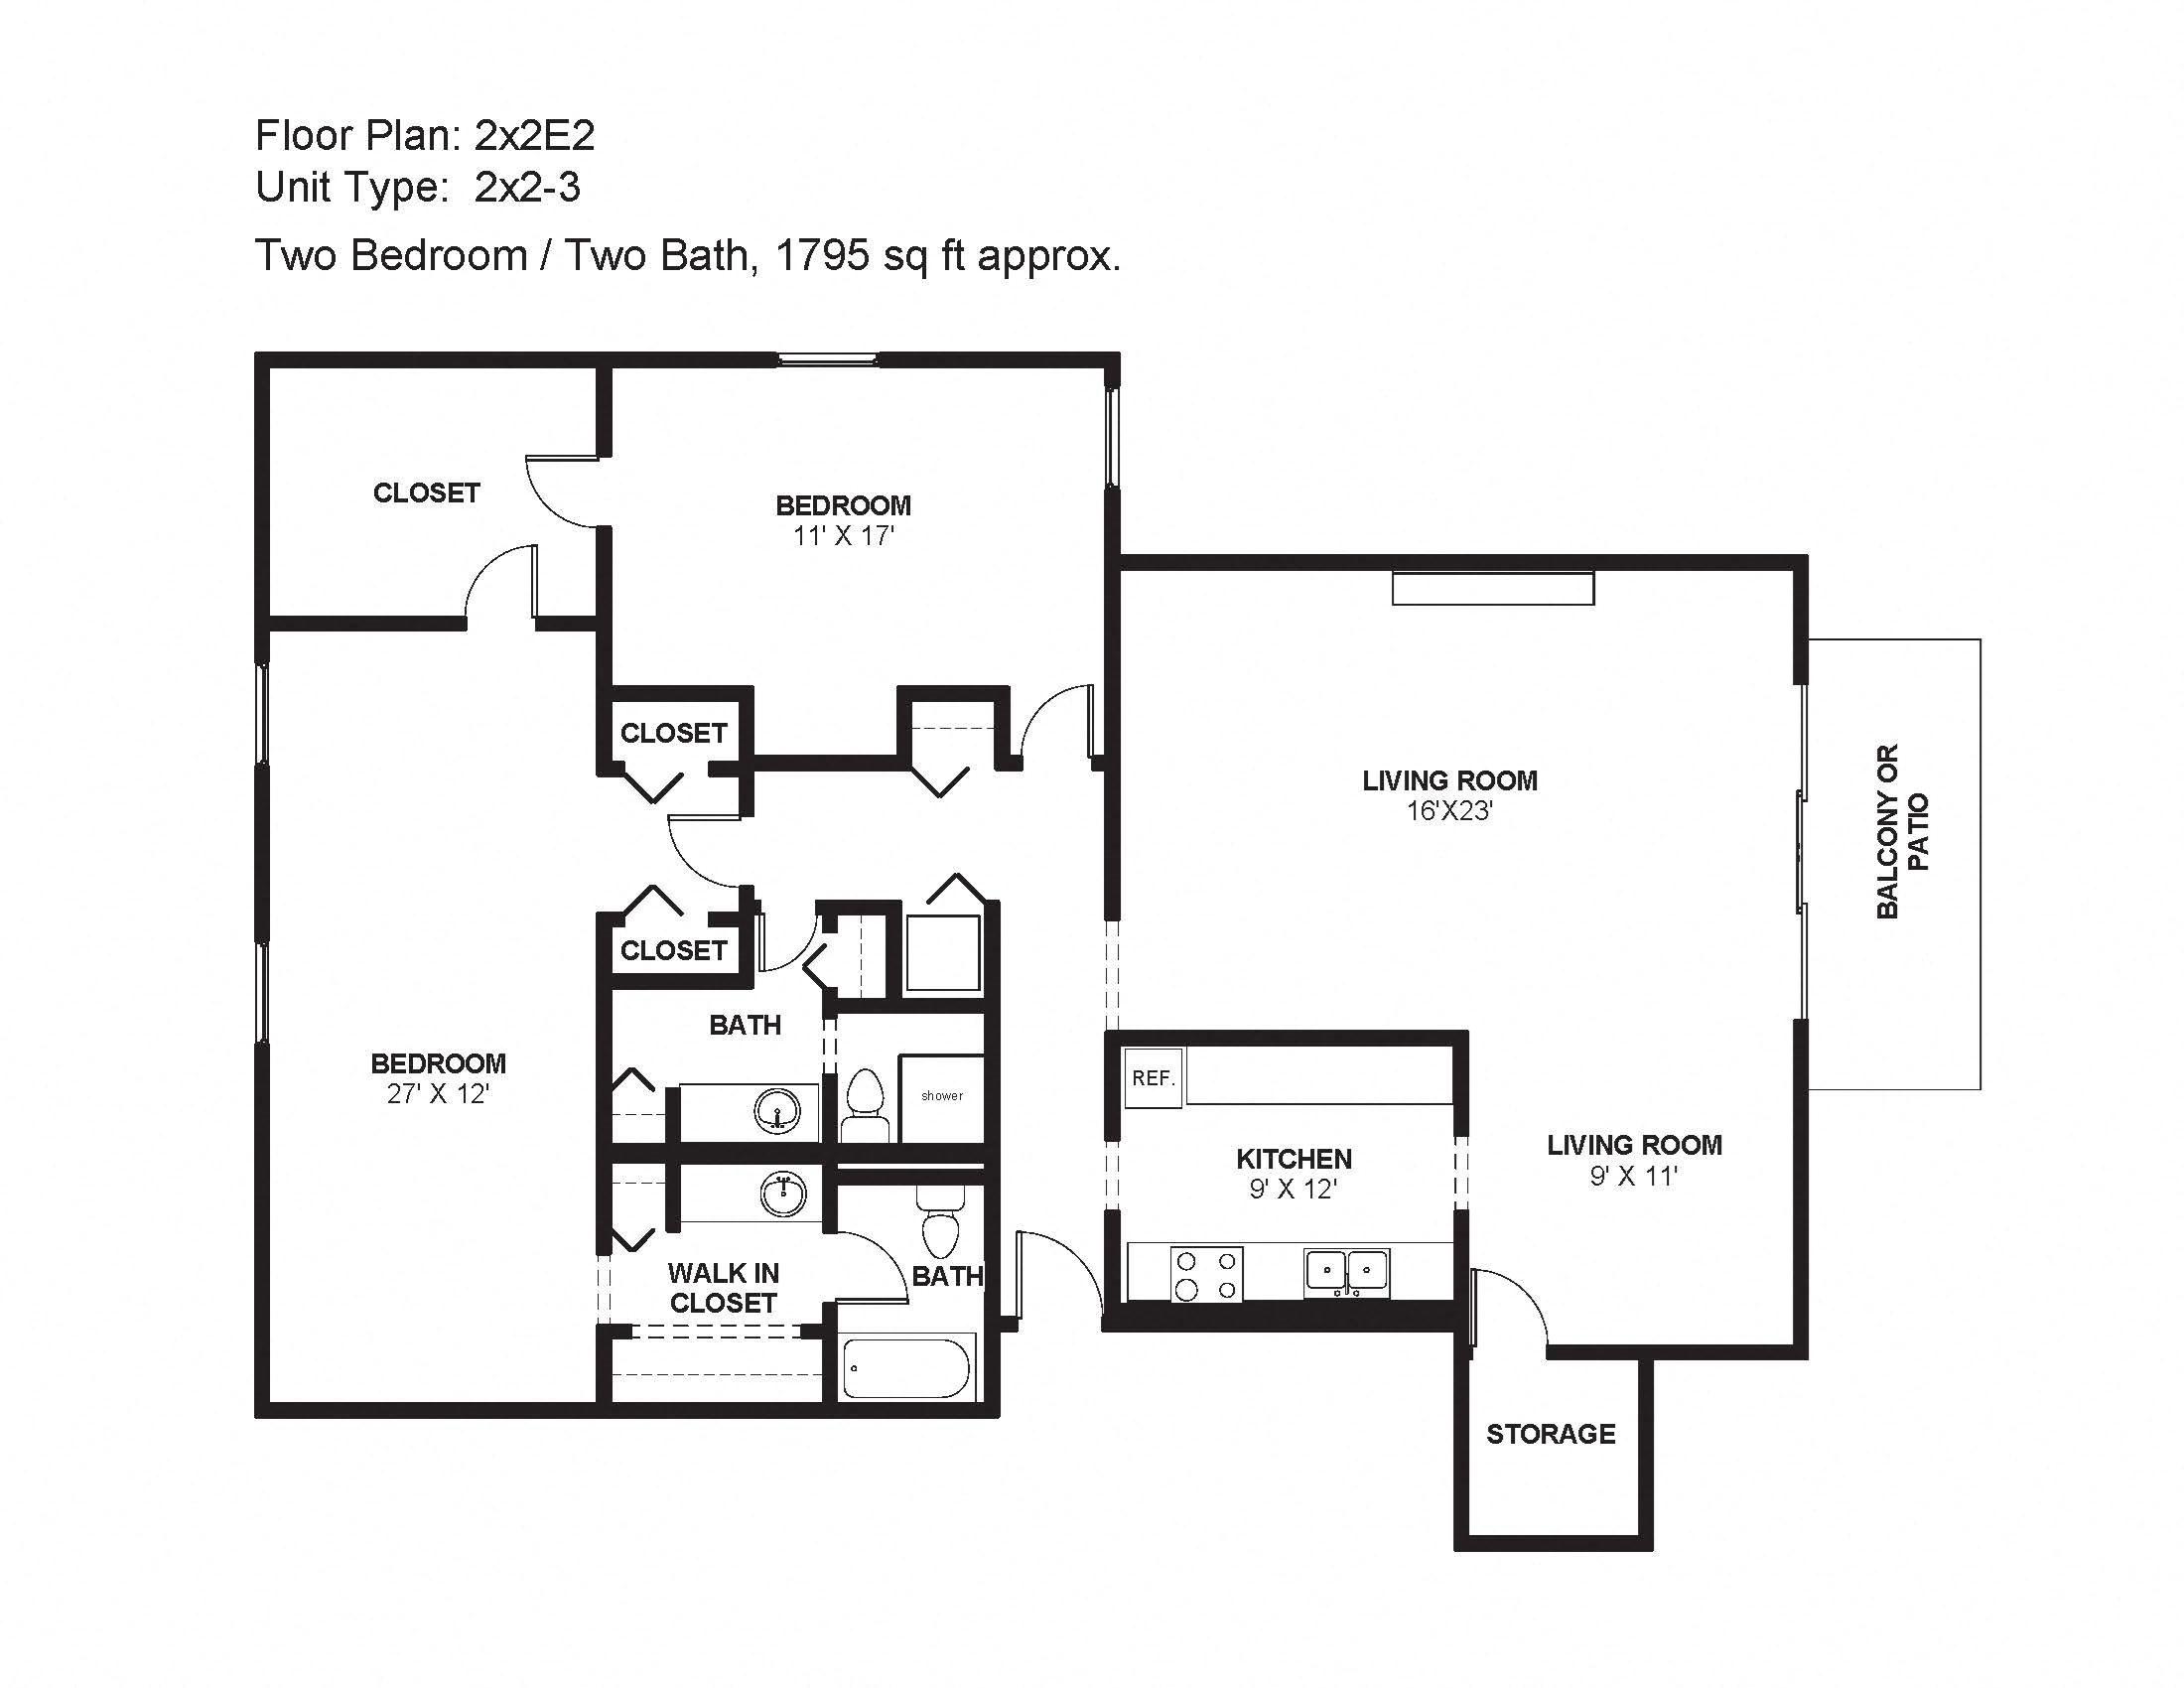 2x2E2 Floor Plan 29